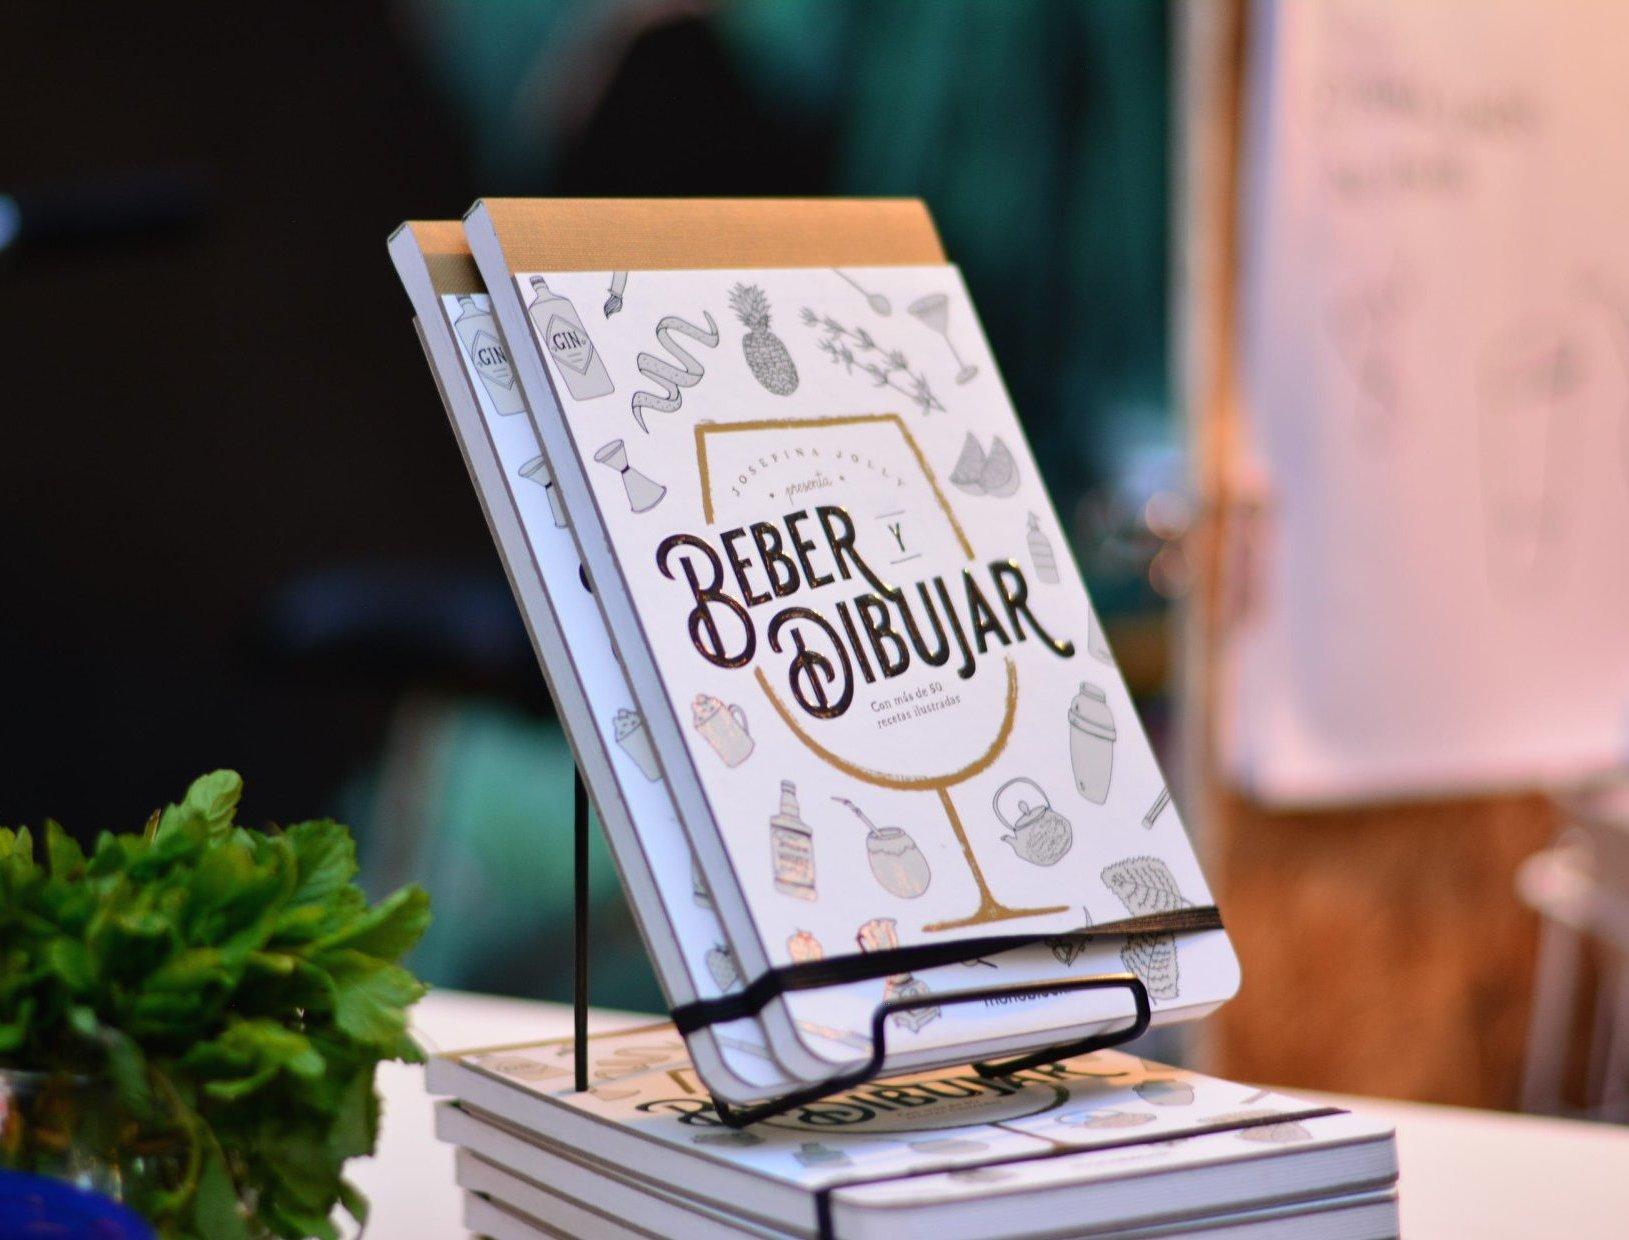 Beber y dibujar libro